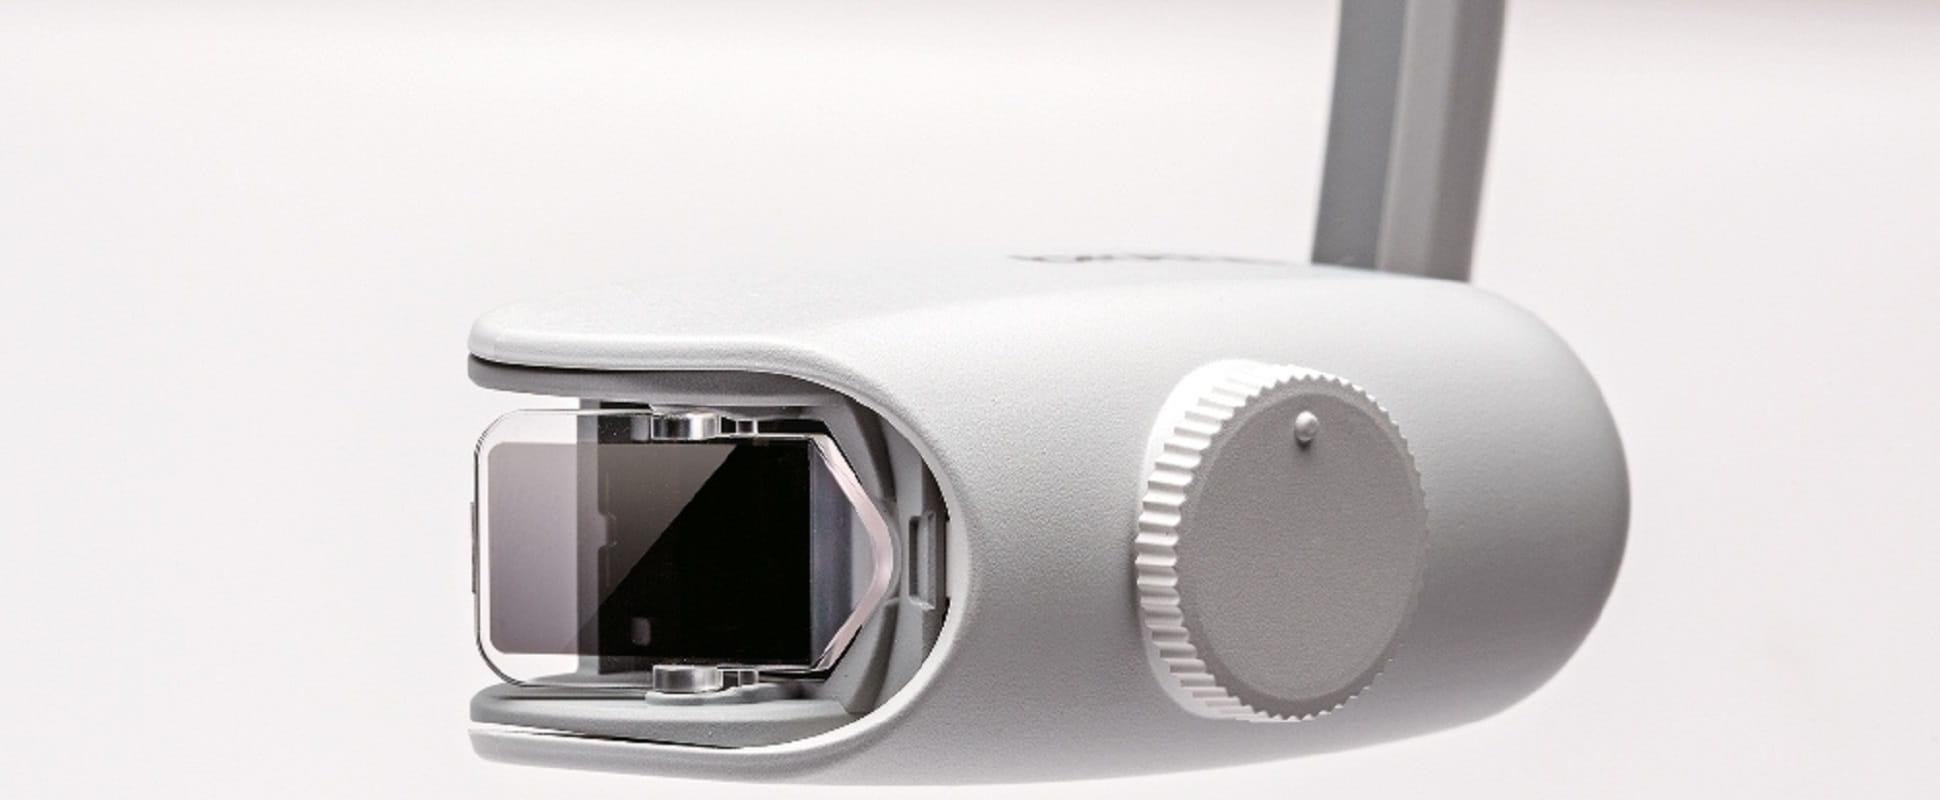 Dettaglio lente del visore Brother AiRScouter WD-200B